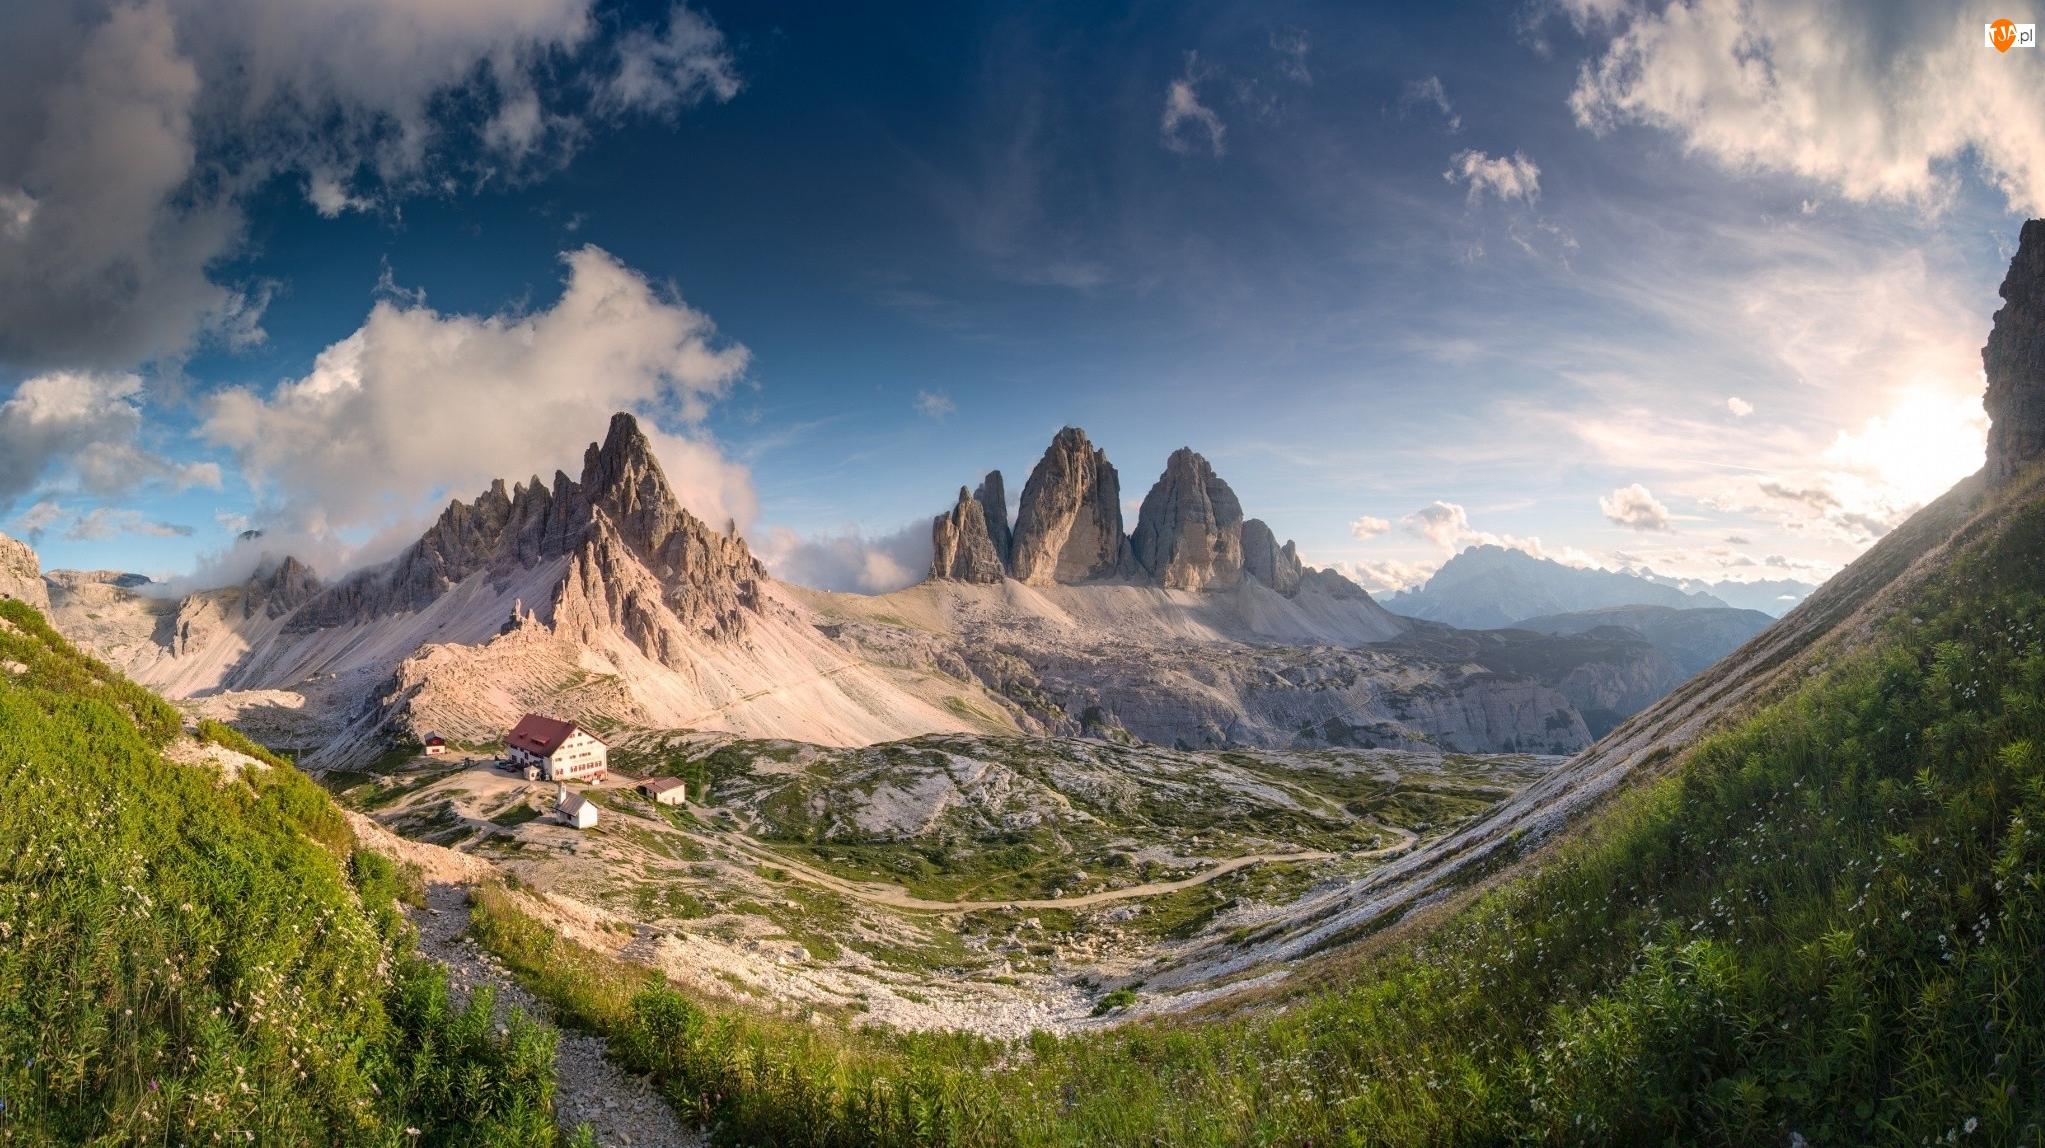 Schronisko Dreizinnenhütte, Szczyt Tre Cime di Lavaredo, Dolomity, Roślinność, Południowy Tyrol, Wschód słońca, Włochy, Chmury, Góry Paterno, Dom